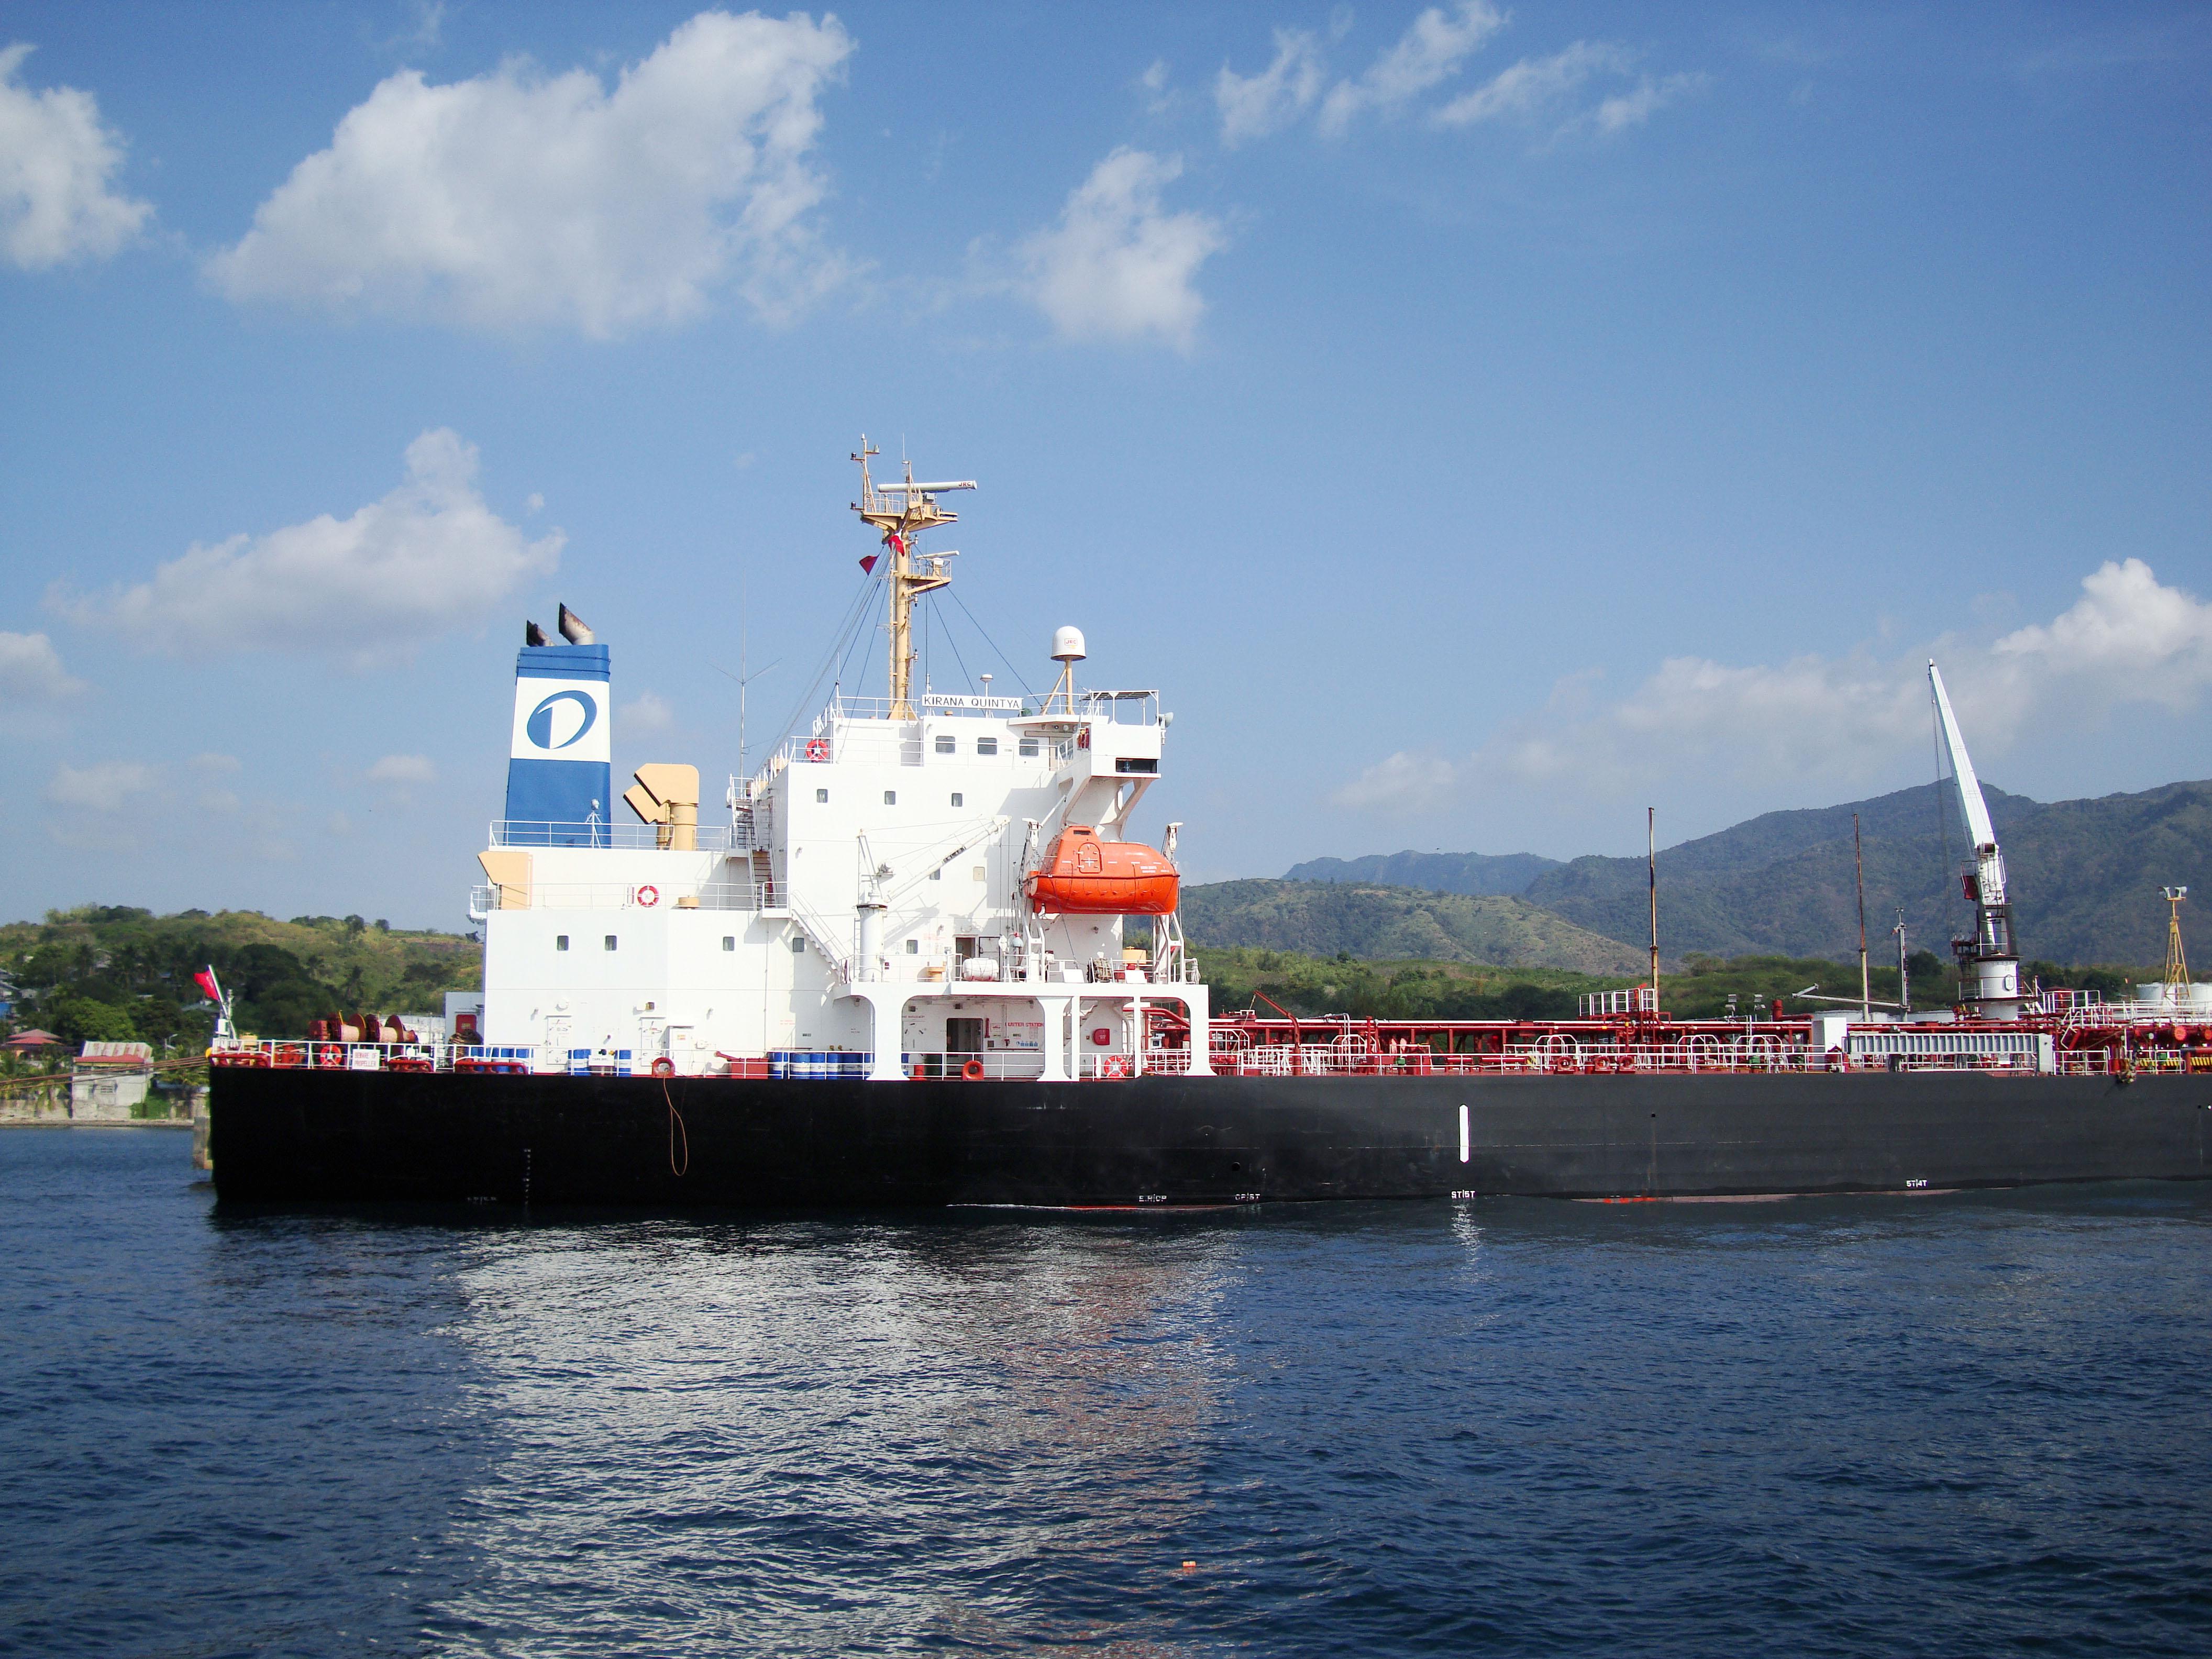 MV Kirana Quintya Batangus Philippines 07